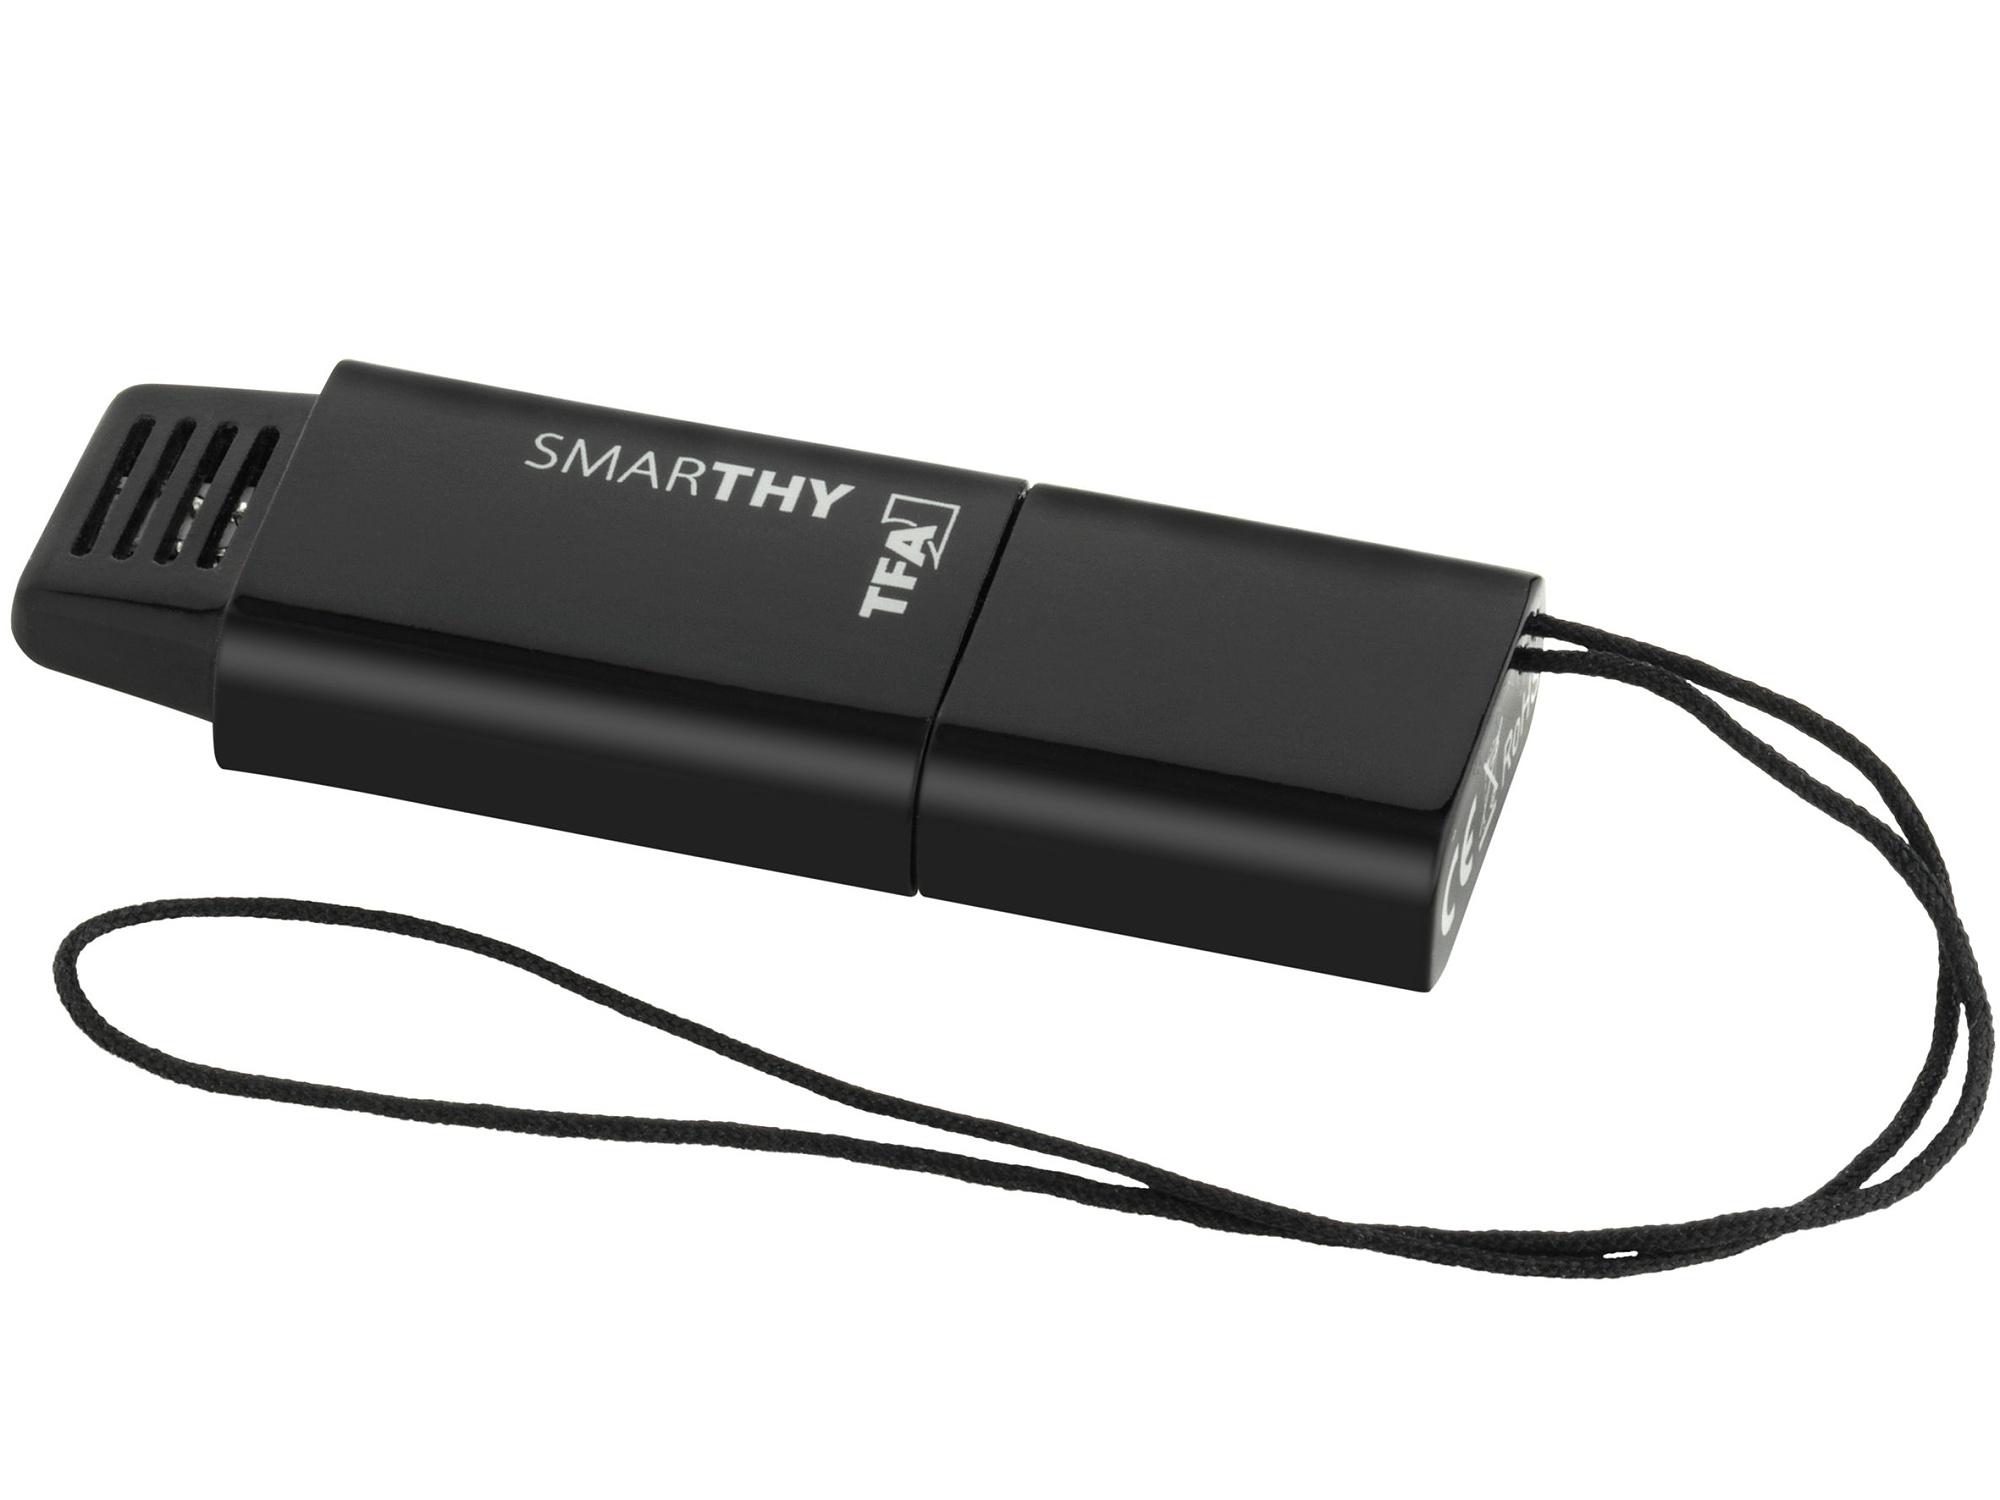 TFA Dostmann Teploměr a vlhkoměr pro smart-telefony TFA 30.5035.01 SMARTHY, černá